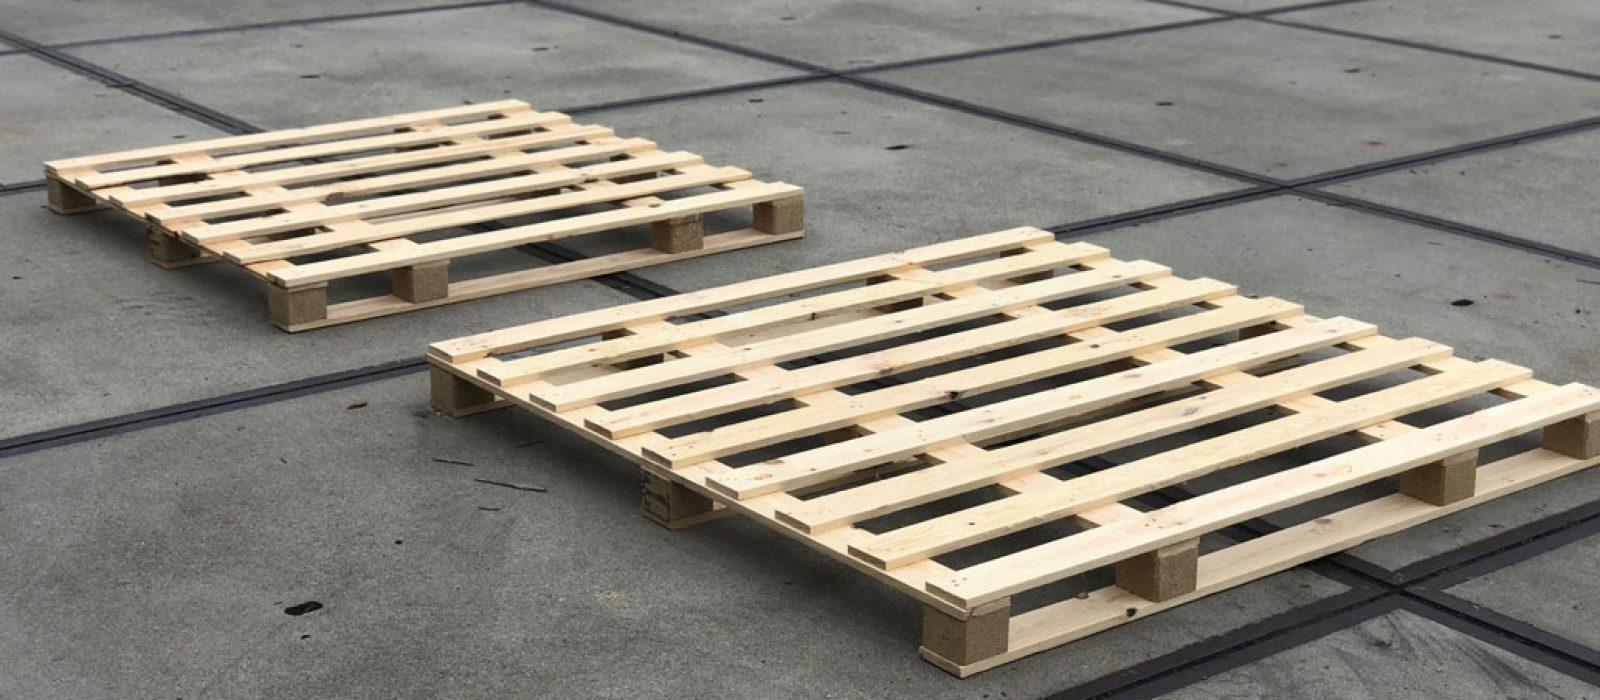 Holzpalette-1600×1600-mm-Vergleich-1400×1400-LOGPOL